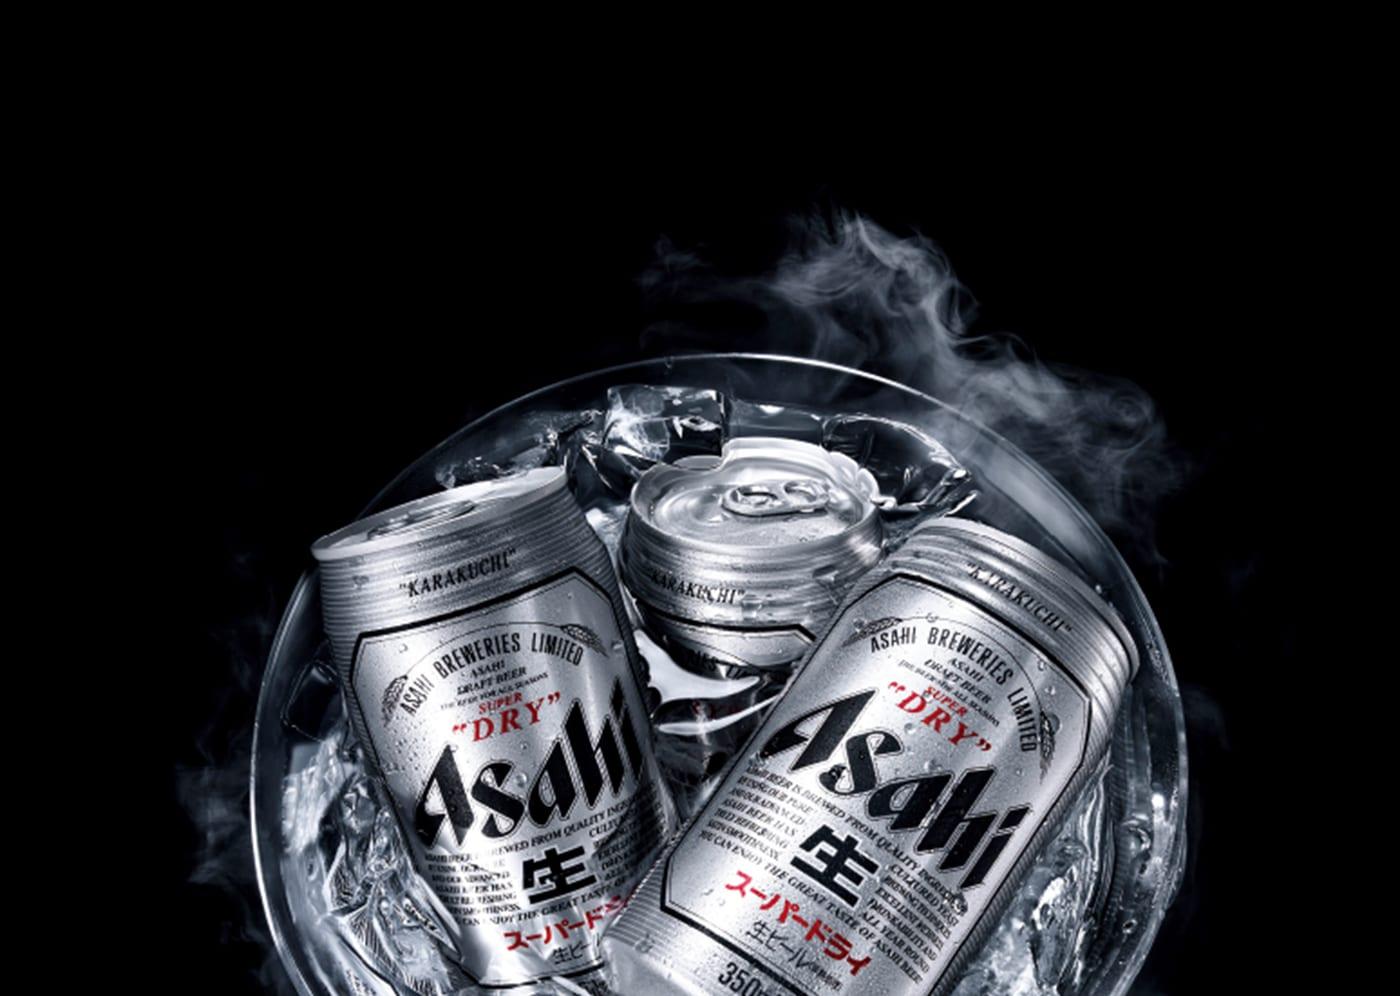 Asahi stop bottling stanley 39 s water - Schweppes australia head office ...